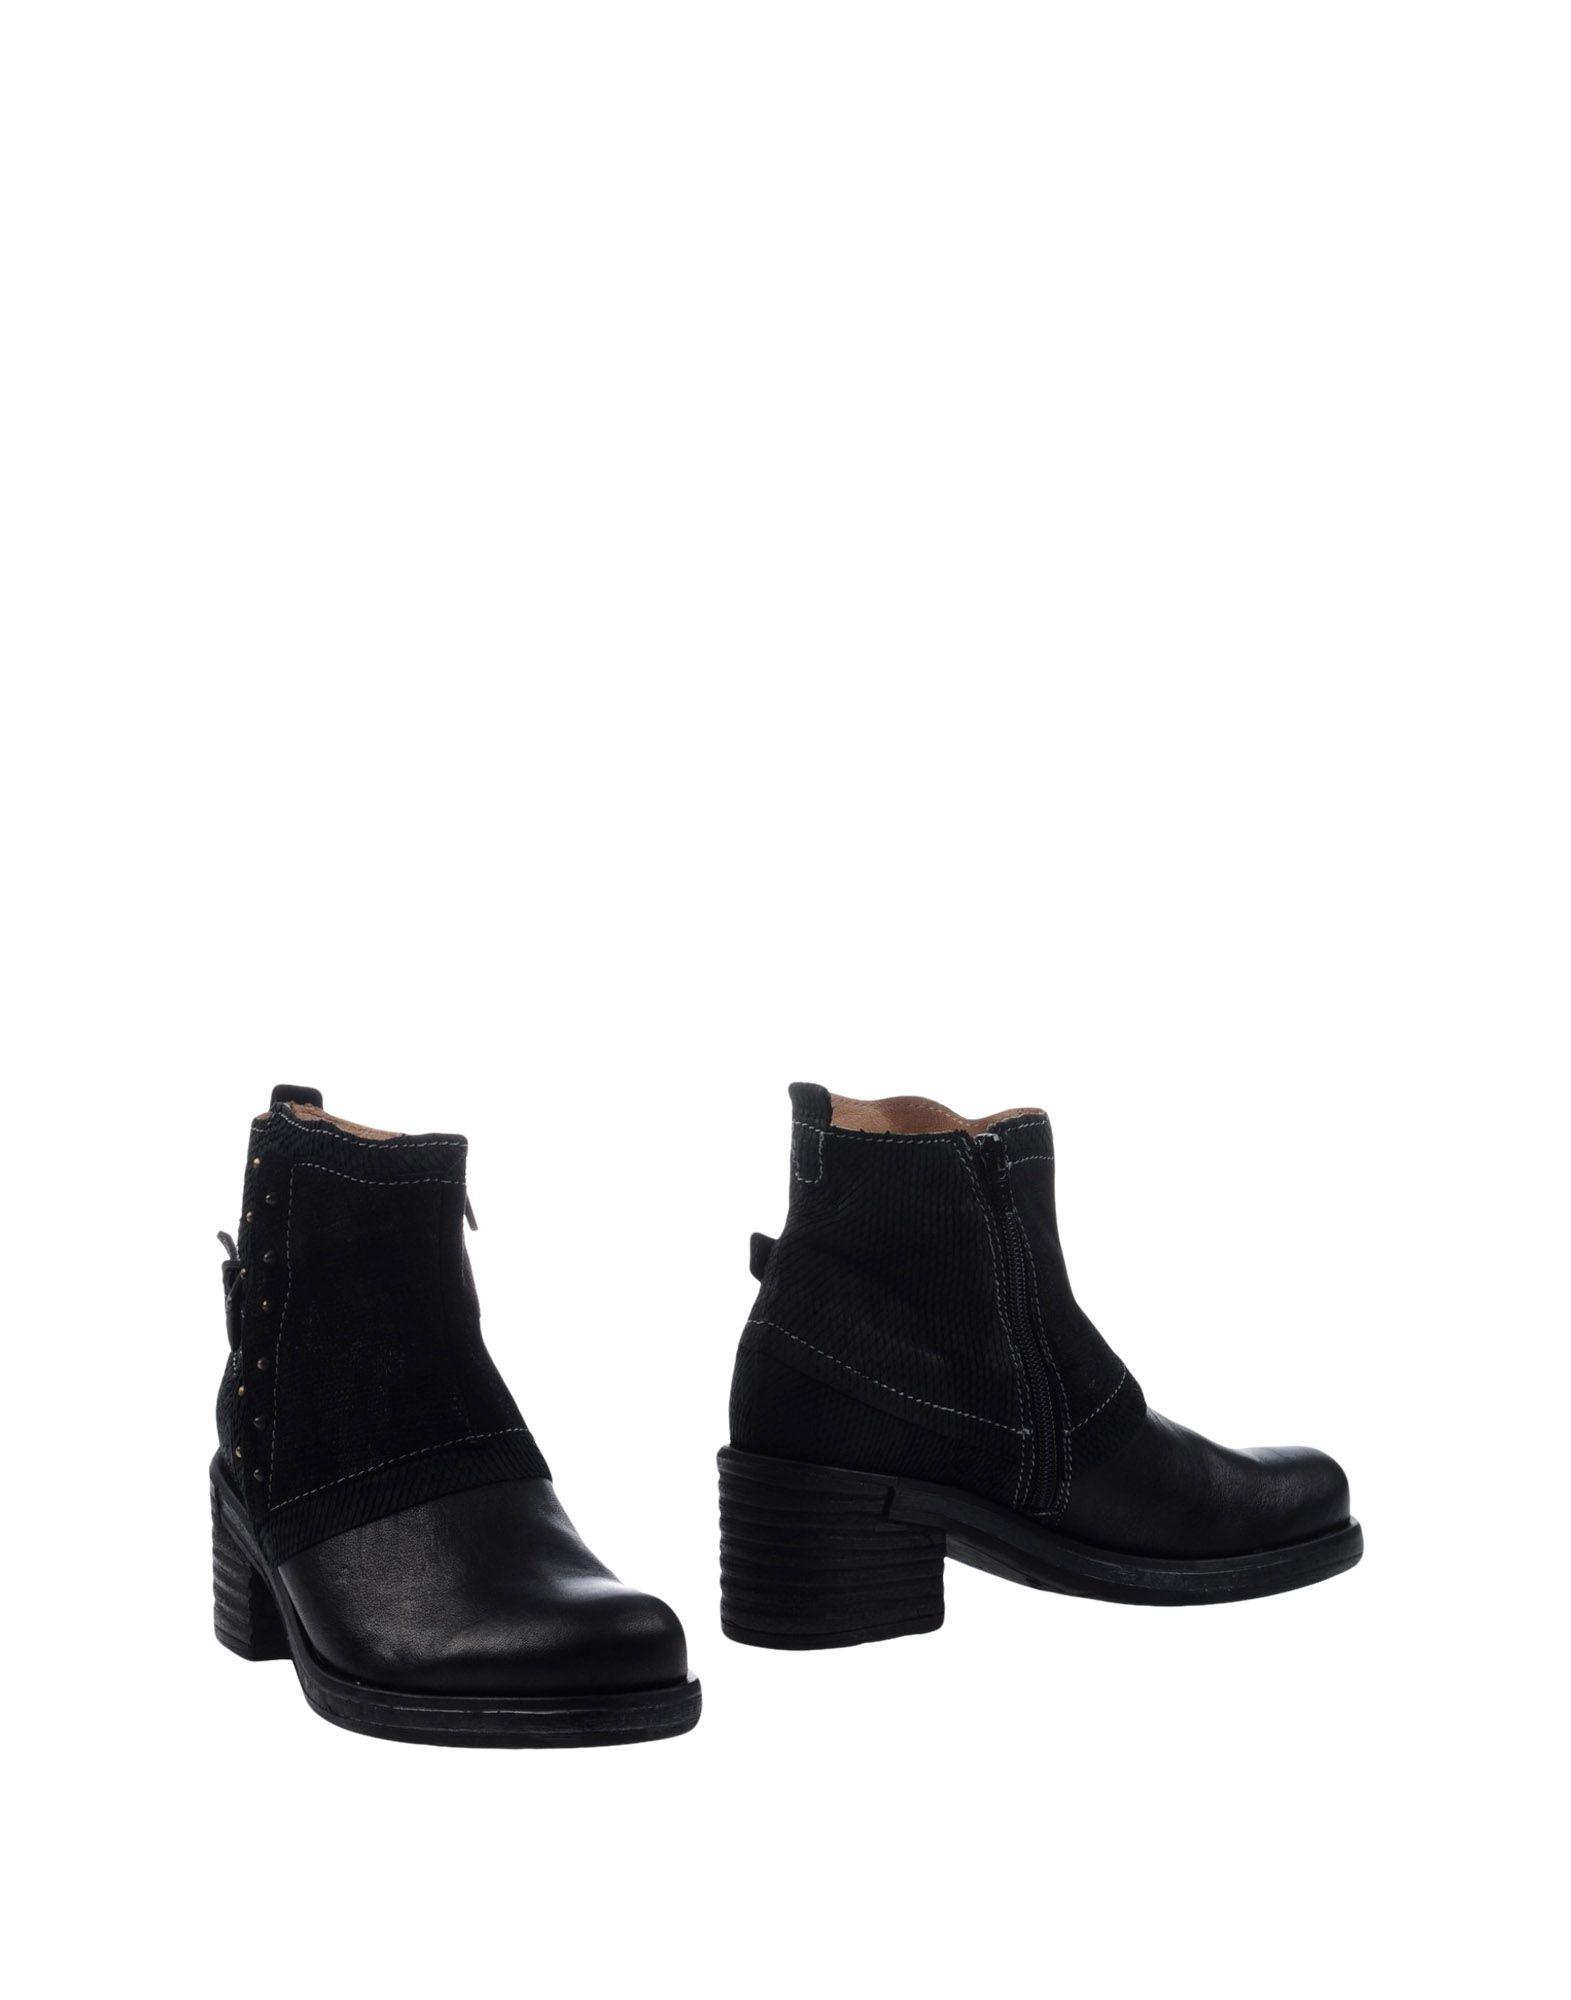 CLOCHARME Полусапоги и высокие ботинки цены онлайн